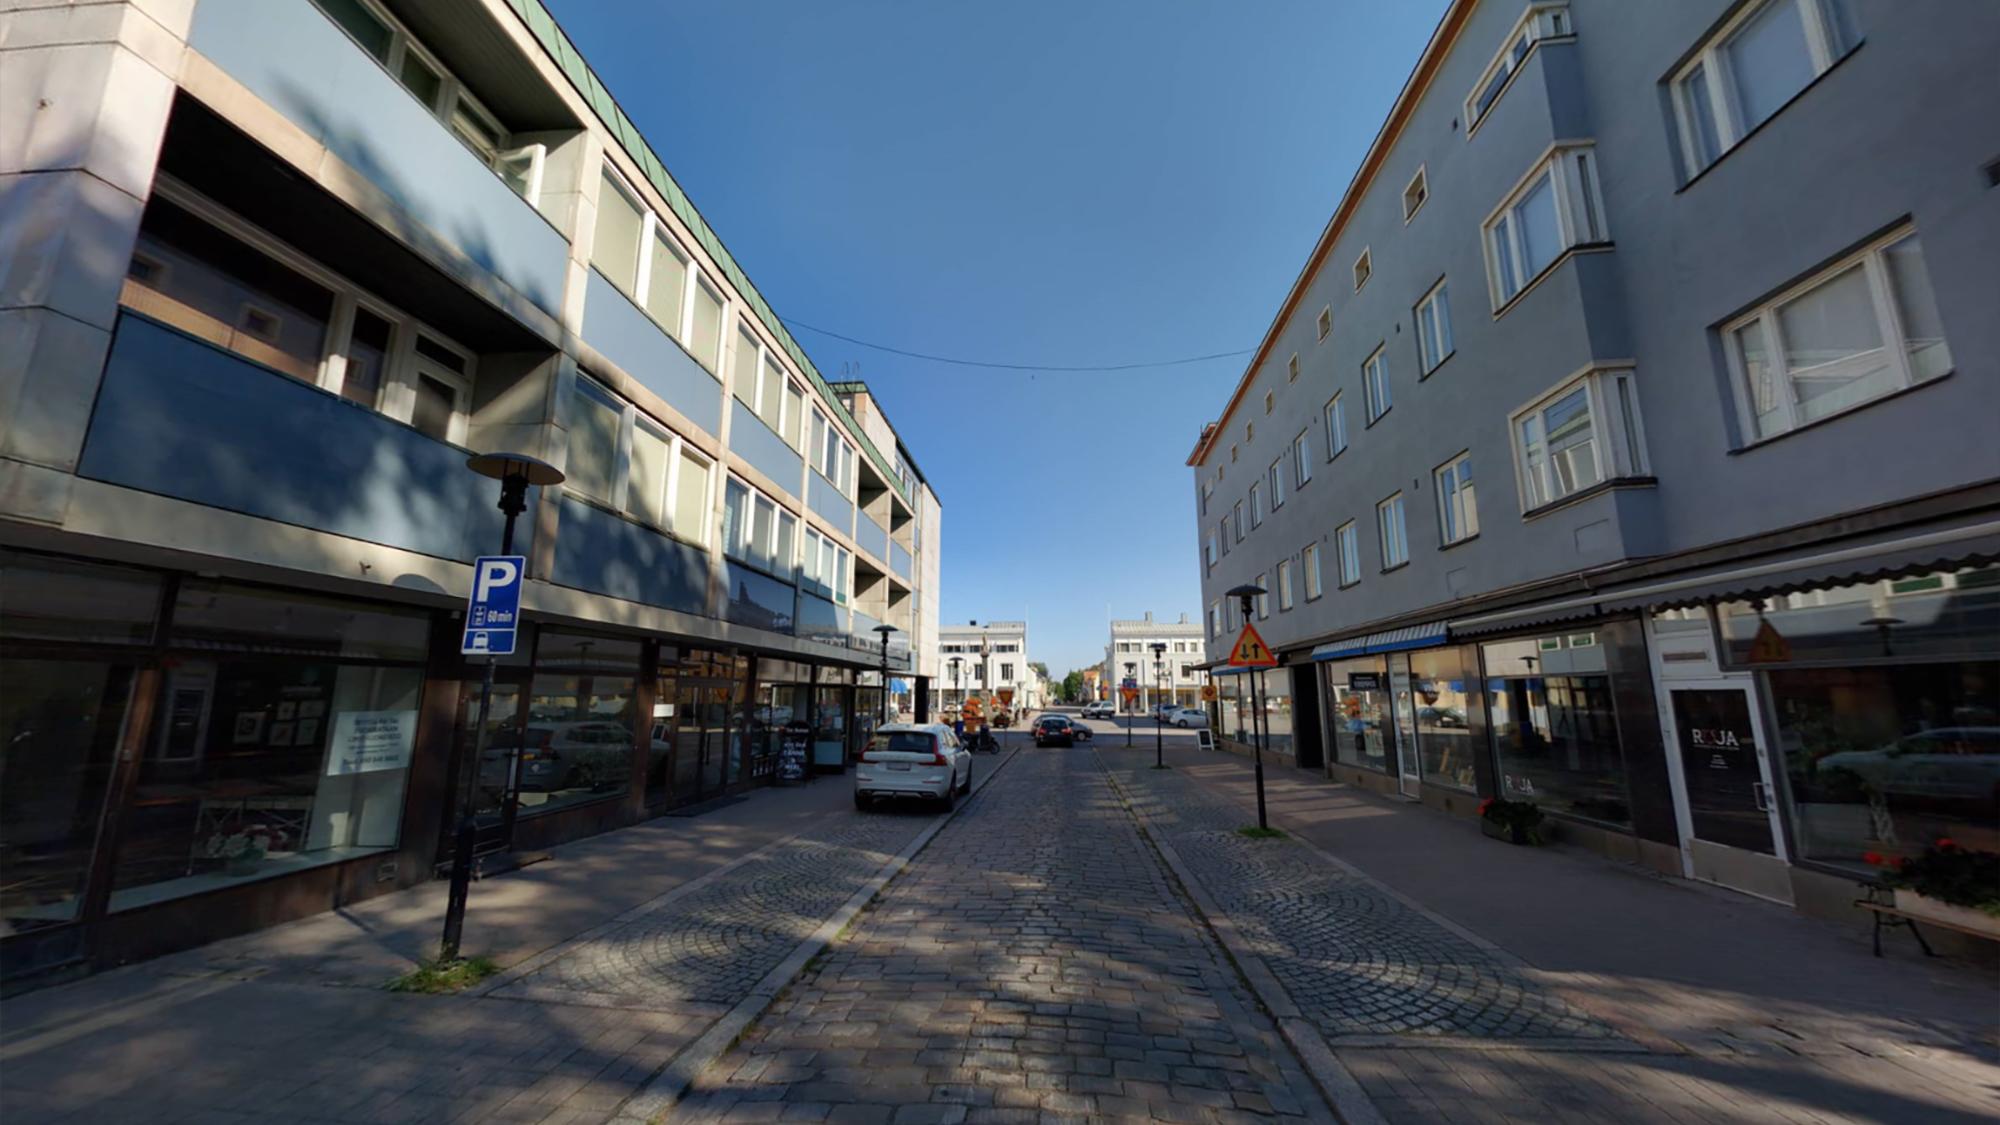 Näkymä Isokadulta, jossa molemmilla puolin katua matalia kerrostaloja. Kerrostalojen katutasossa on liiketiloja ja ylemmissä kerroksissa asuntoja. Kadun keskiosa on tehty mukulakivistä ja sen reunamilla on pysäköintipaikkoja kadun molemmin puolin. Taustalla etäisenä näkyy Mannerheiminaukio.